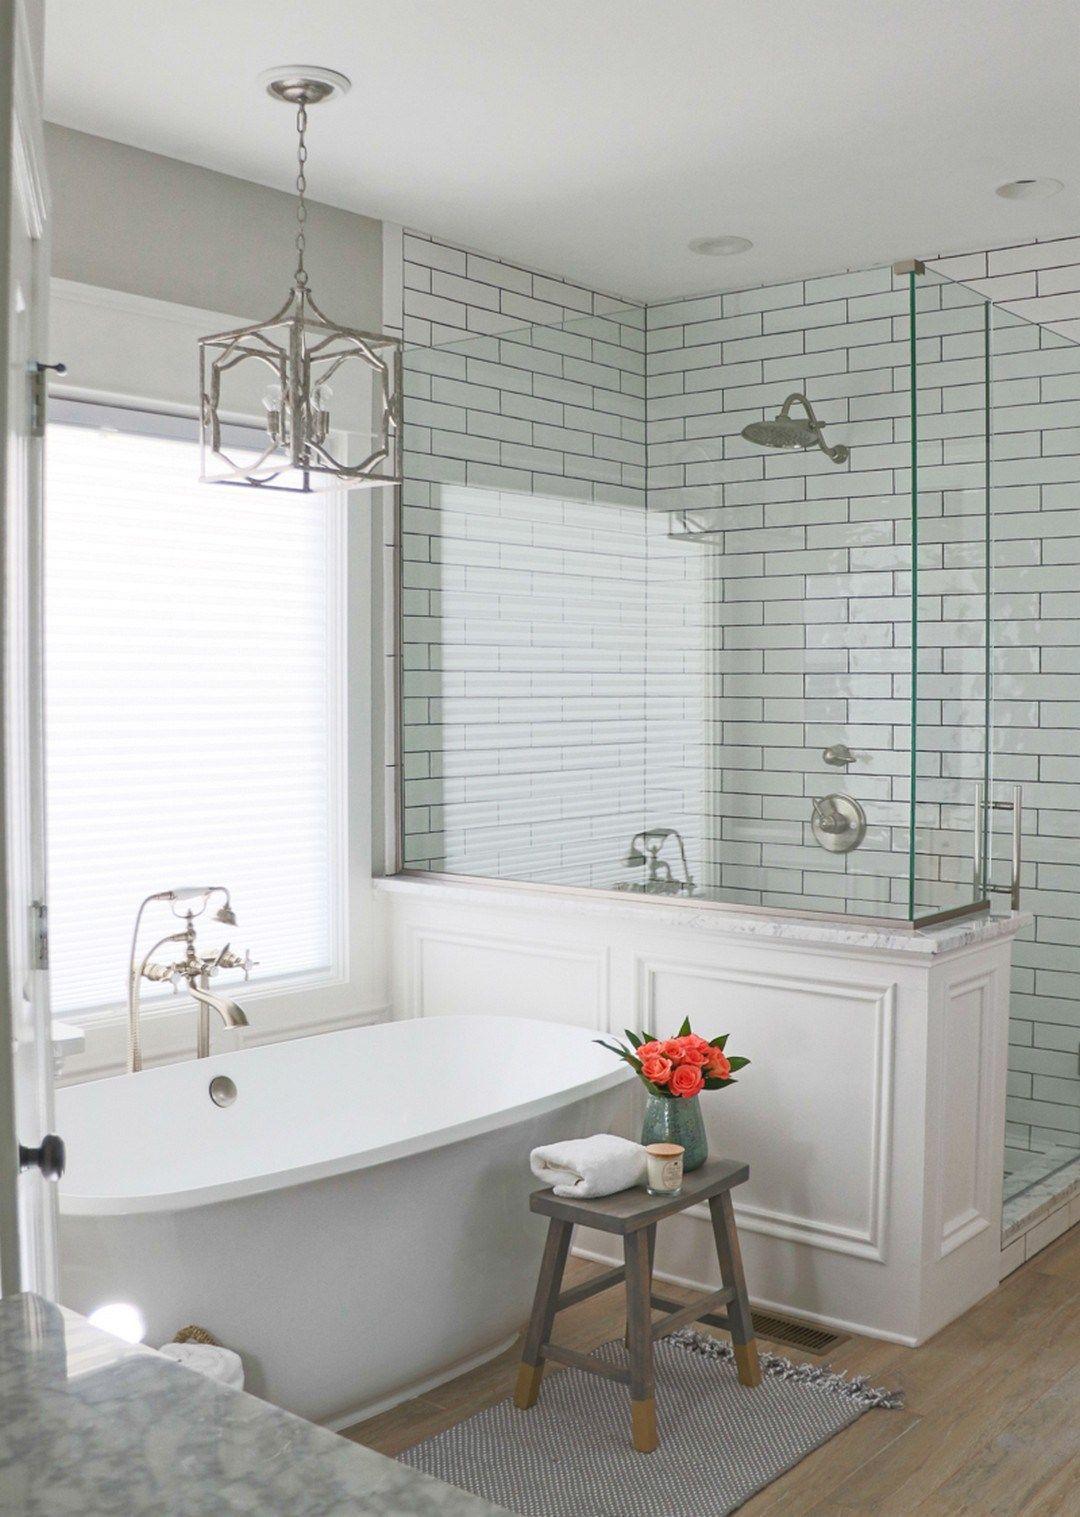 Found On Bing From Www Pinterest Com In 2020 Small Bathroom Remodel Farmhouse Master Bathroom Small Master Bathroom